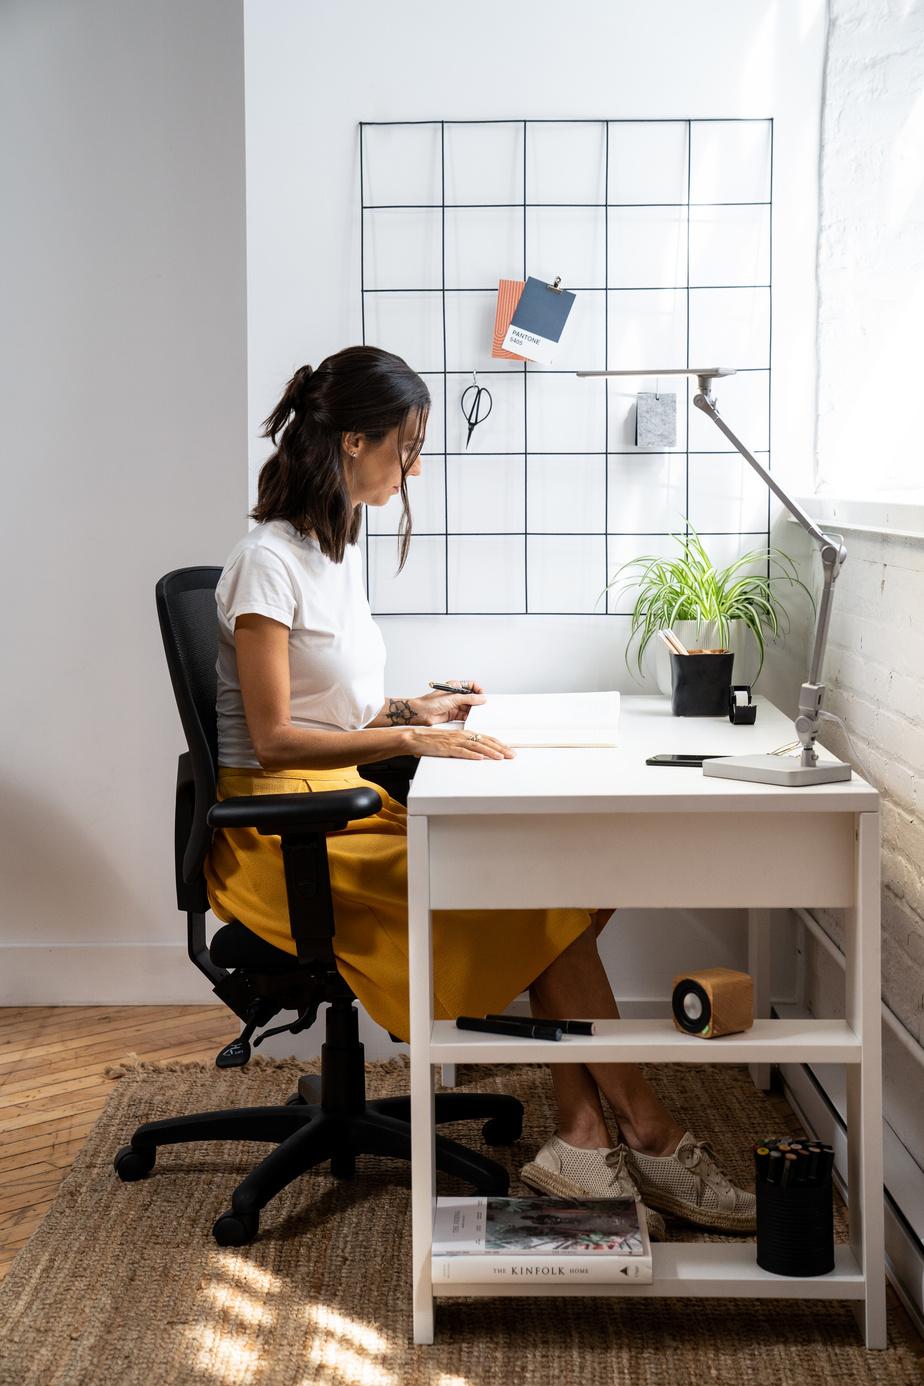 Artopex a récemment lancé trois types de bureaux adaptés au télétravail. Le modèle Arlow intègre une bibliothèque.